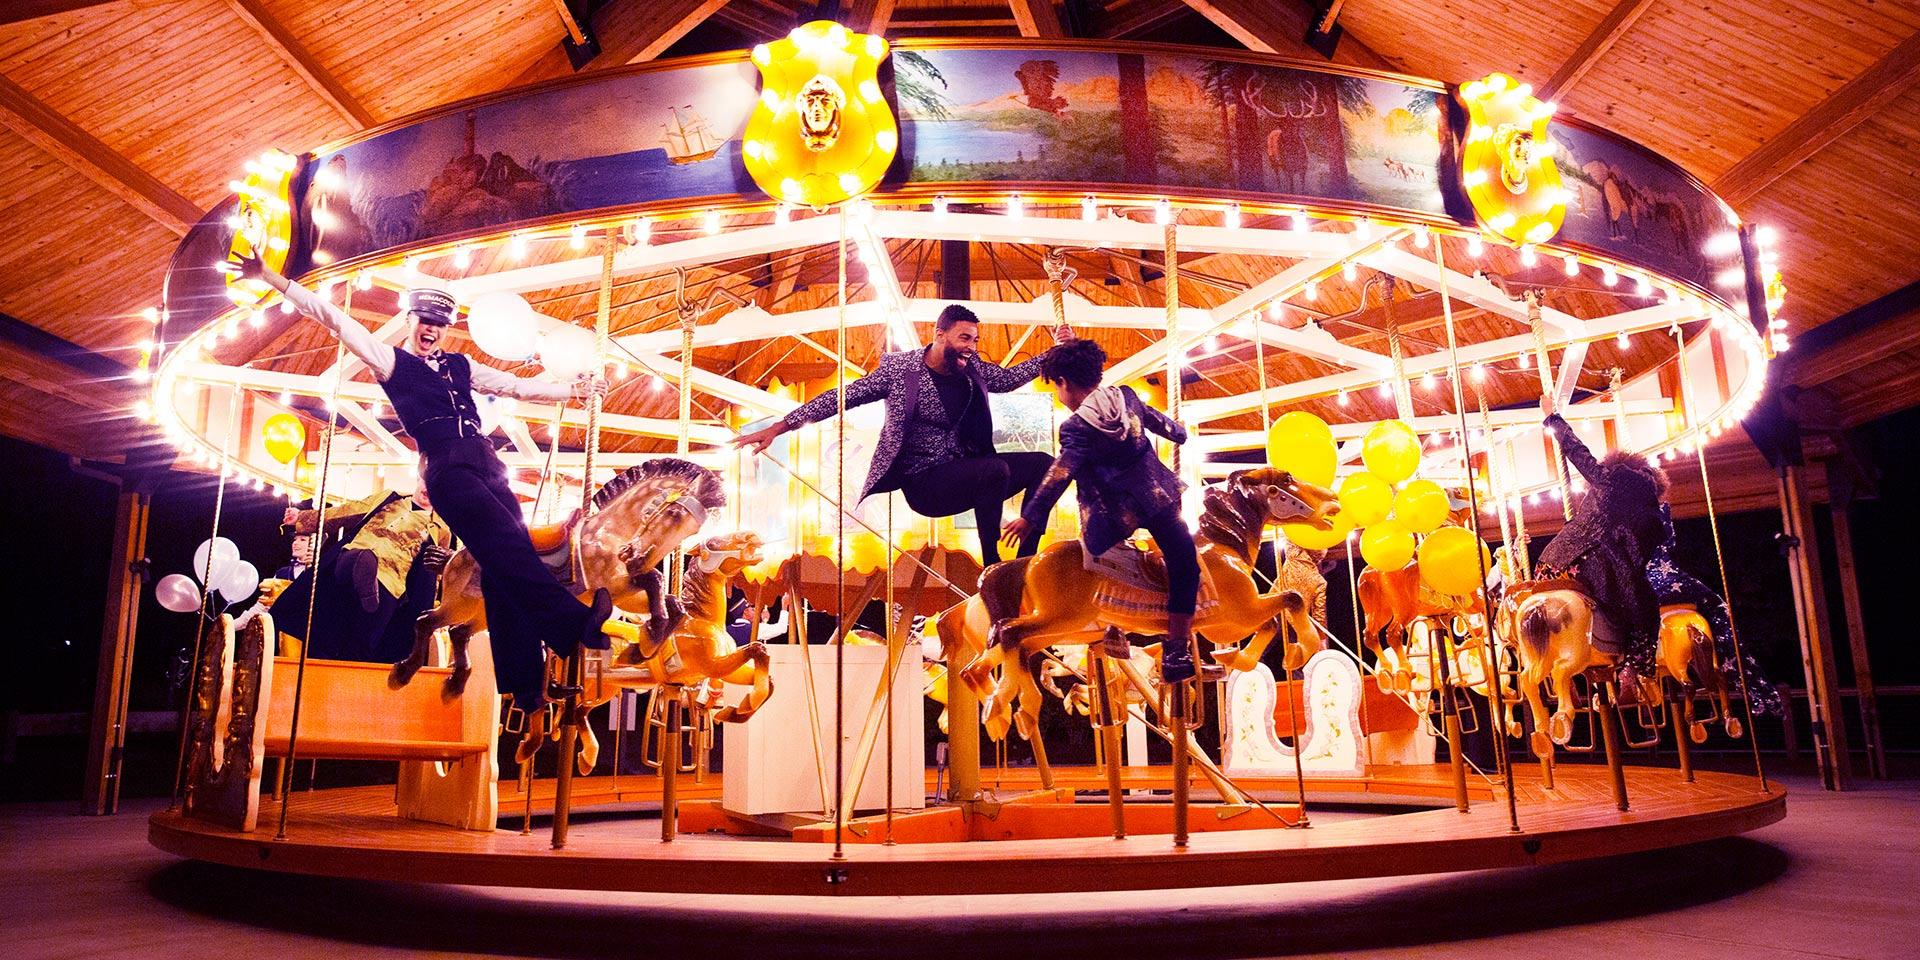 people enjoying a carousel